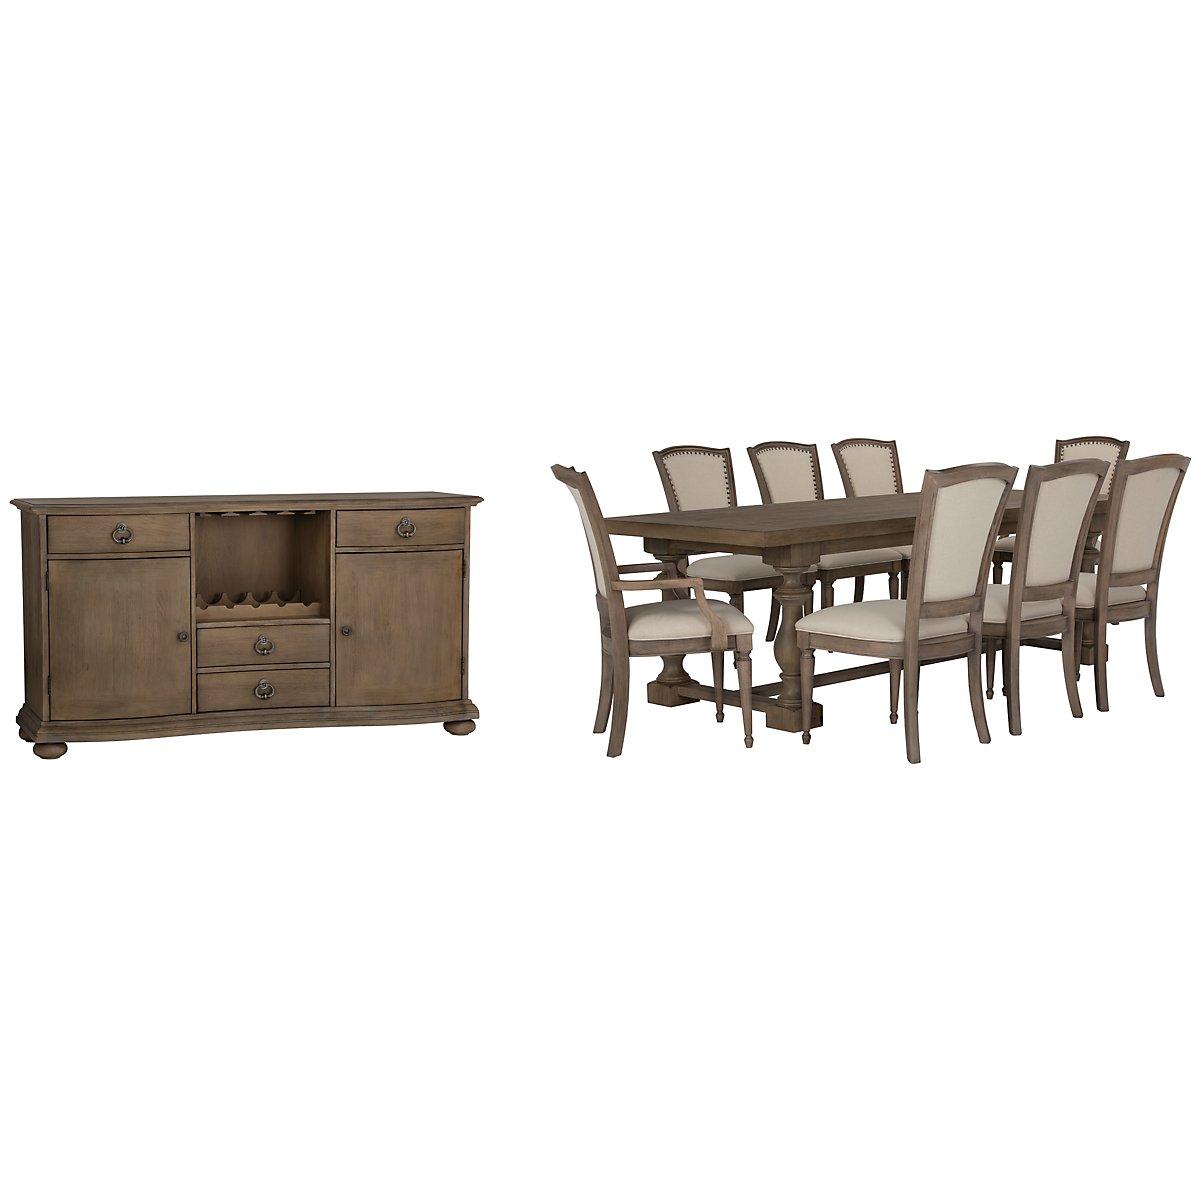 Haddie Light Tone Wood Dining Room